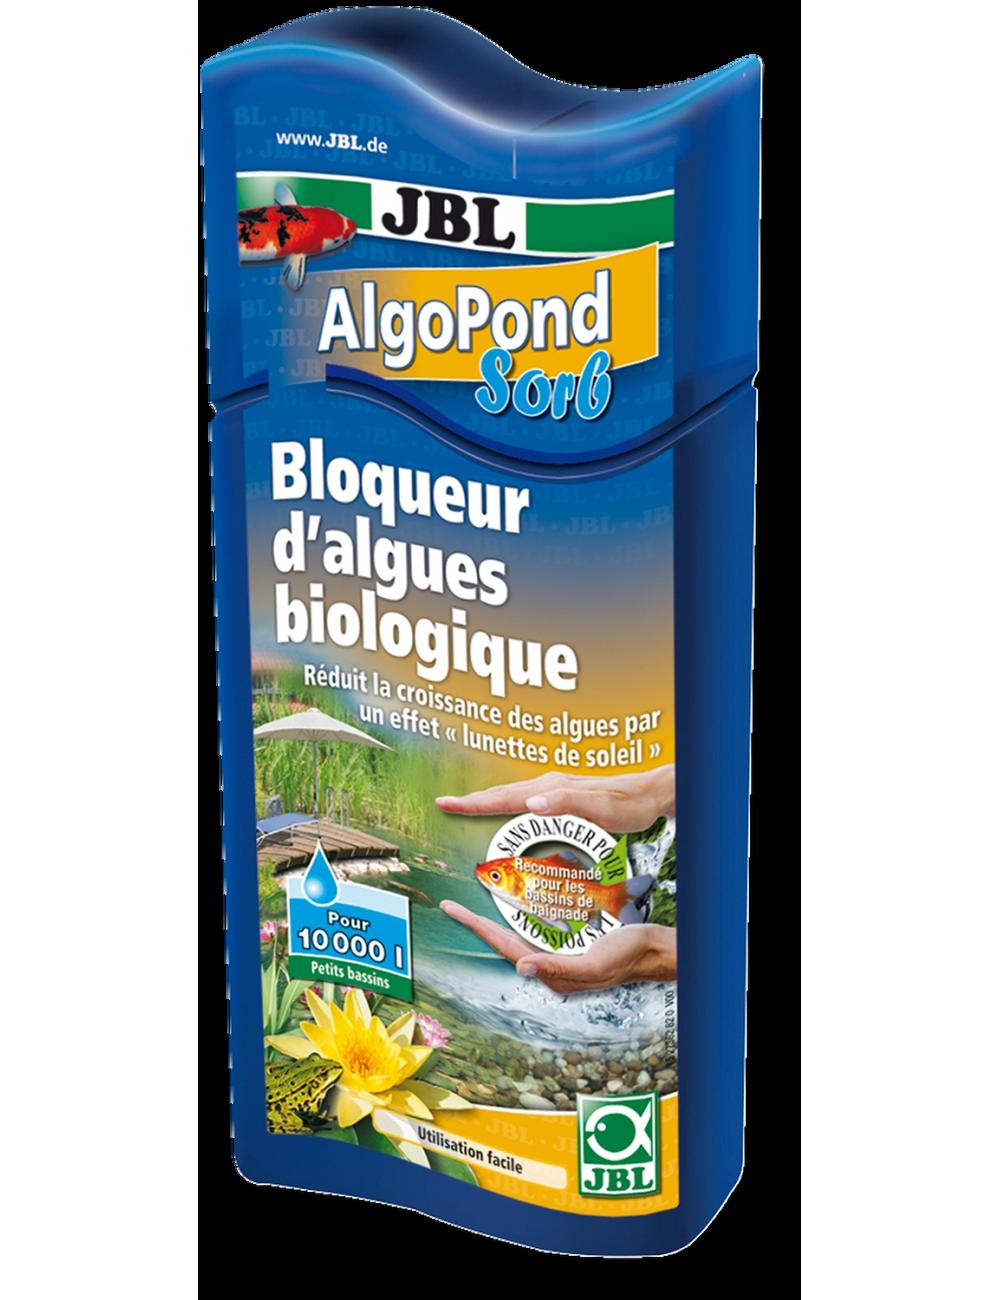 JBL - AlgoPond sorb - 500ml - Bloqueur d'algues biologique pour bassin de jardin